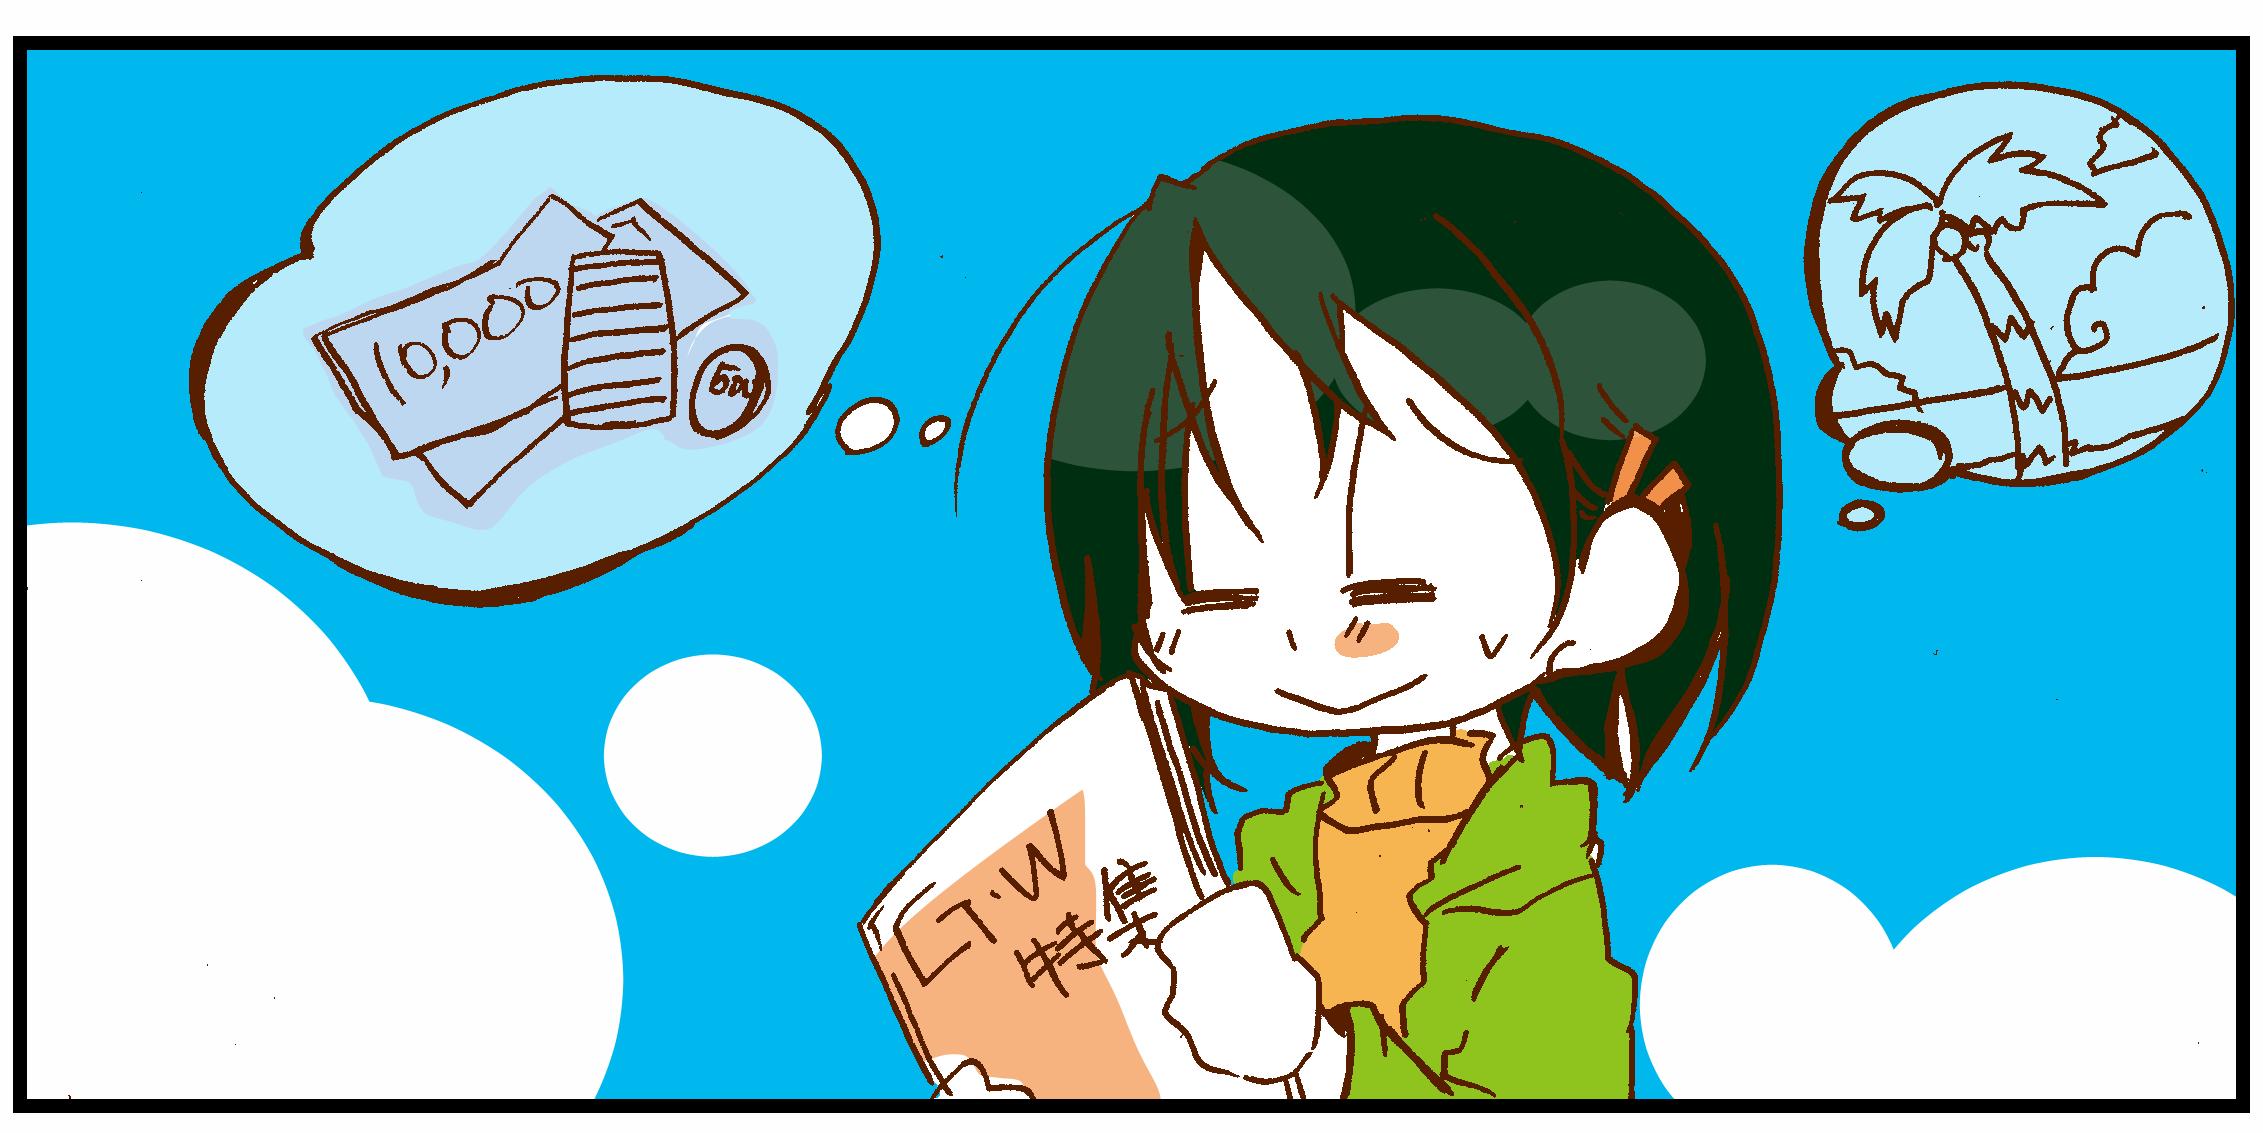 ゴールデンウィークの予定は決まった?予算別の楽しみ方!!